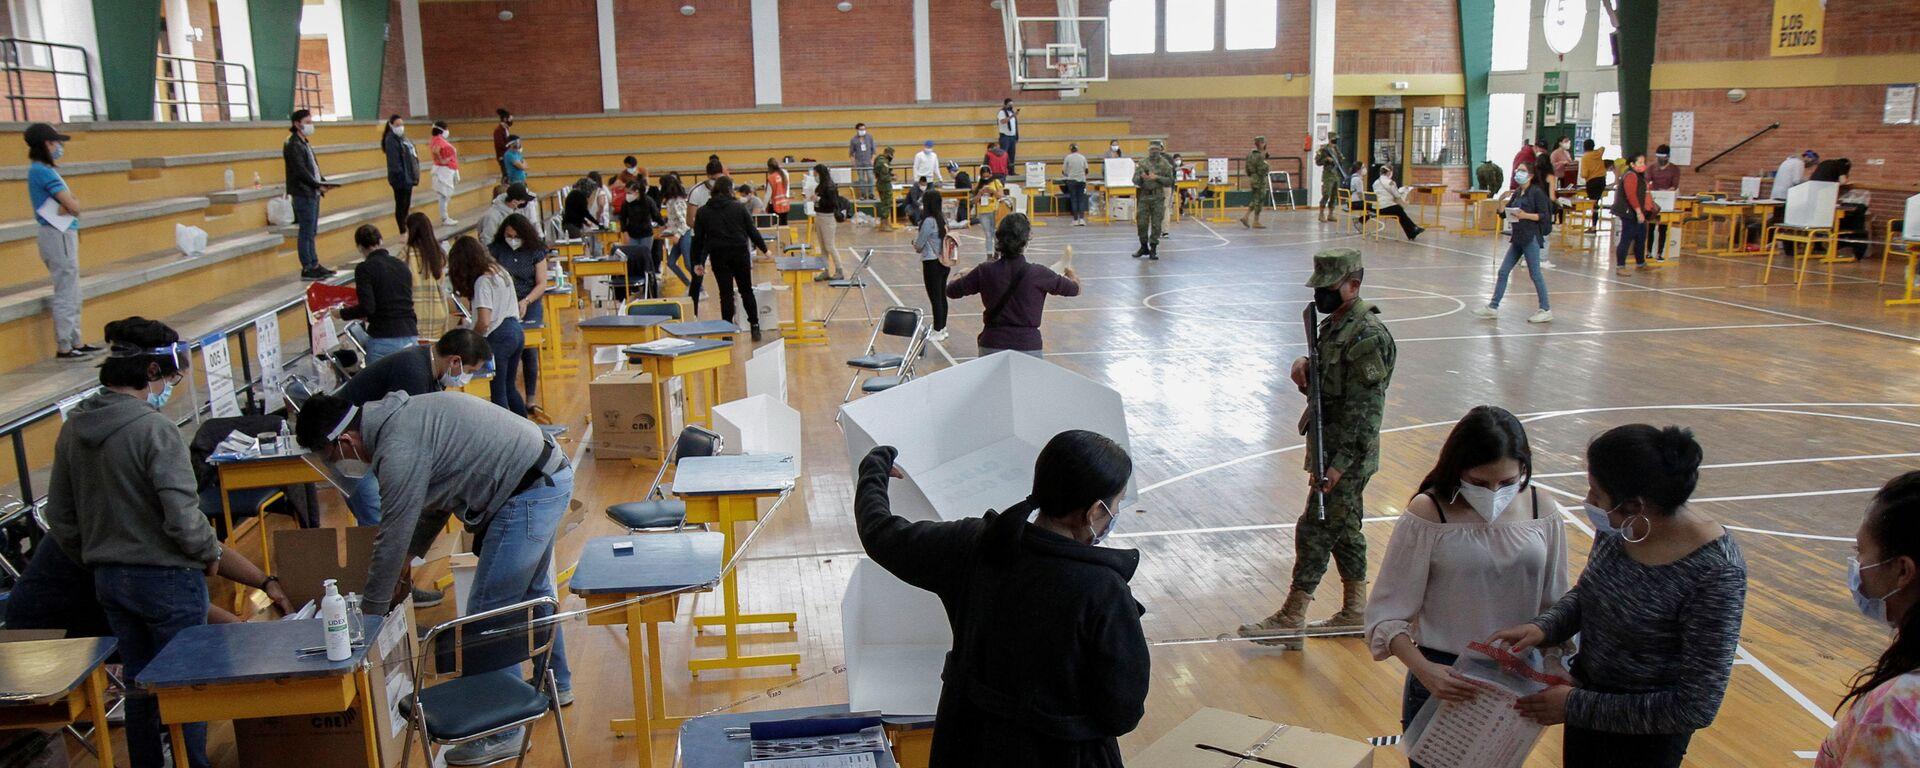 Elecciones presidenciales en Ecuador - Sputnik Mundo, 1920, 11.02.2021